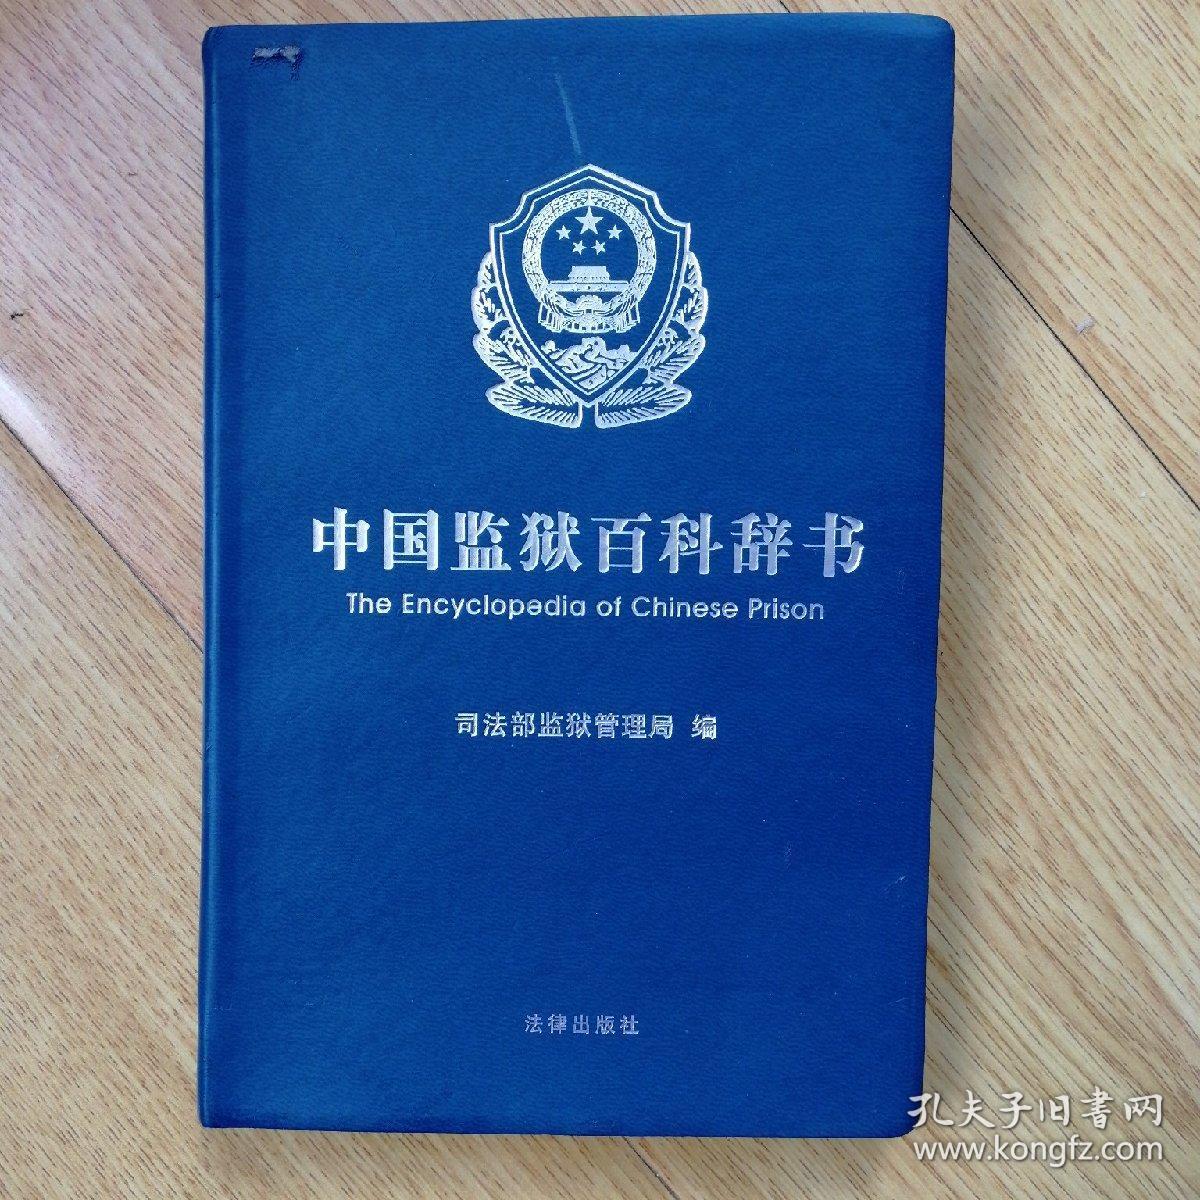 中国监狱百科辞书